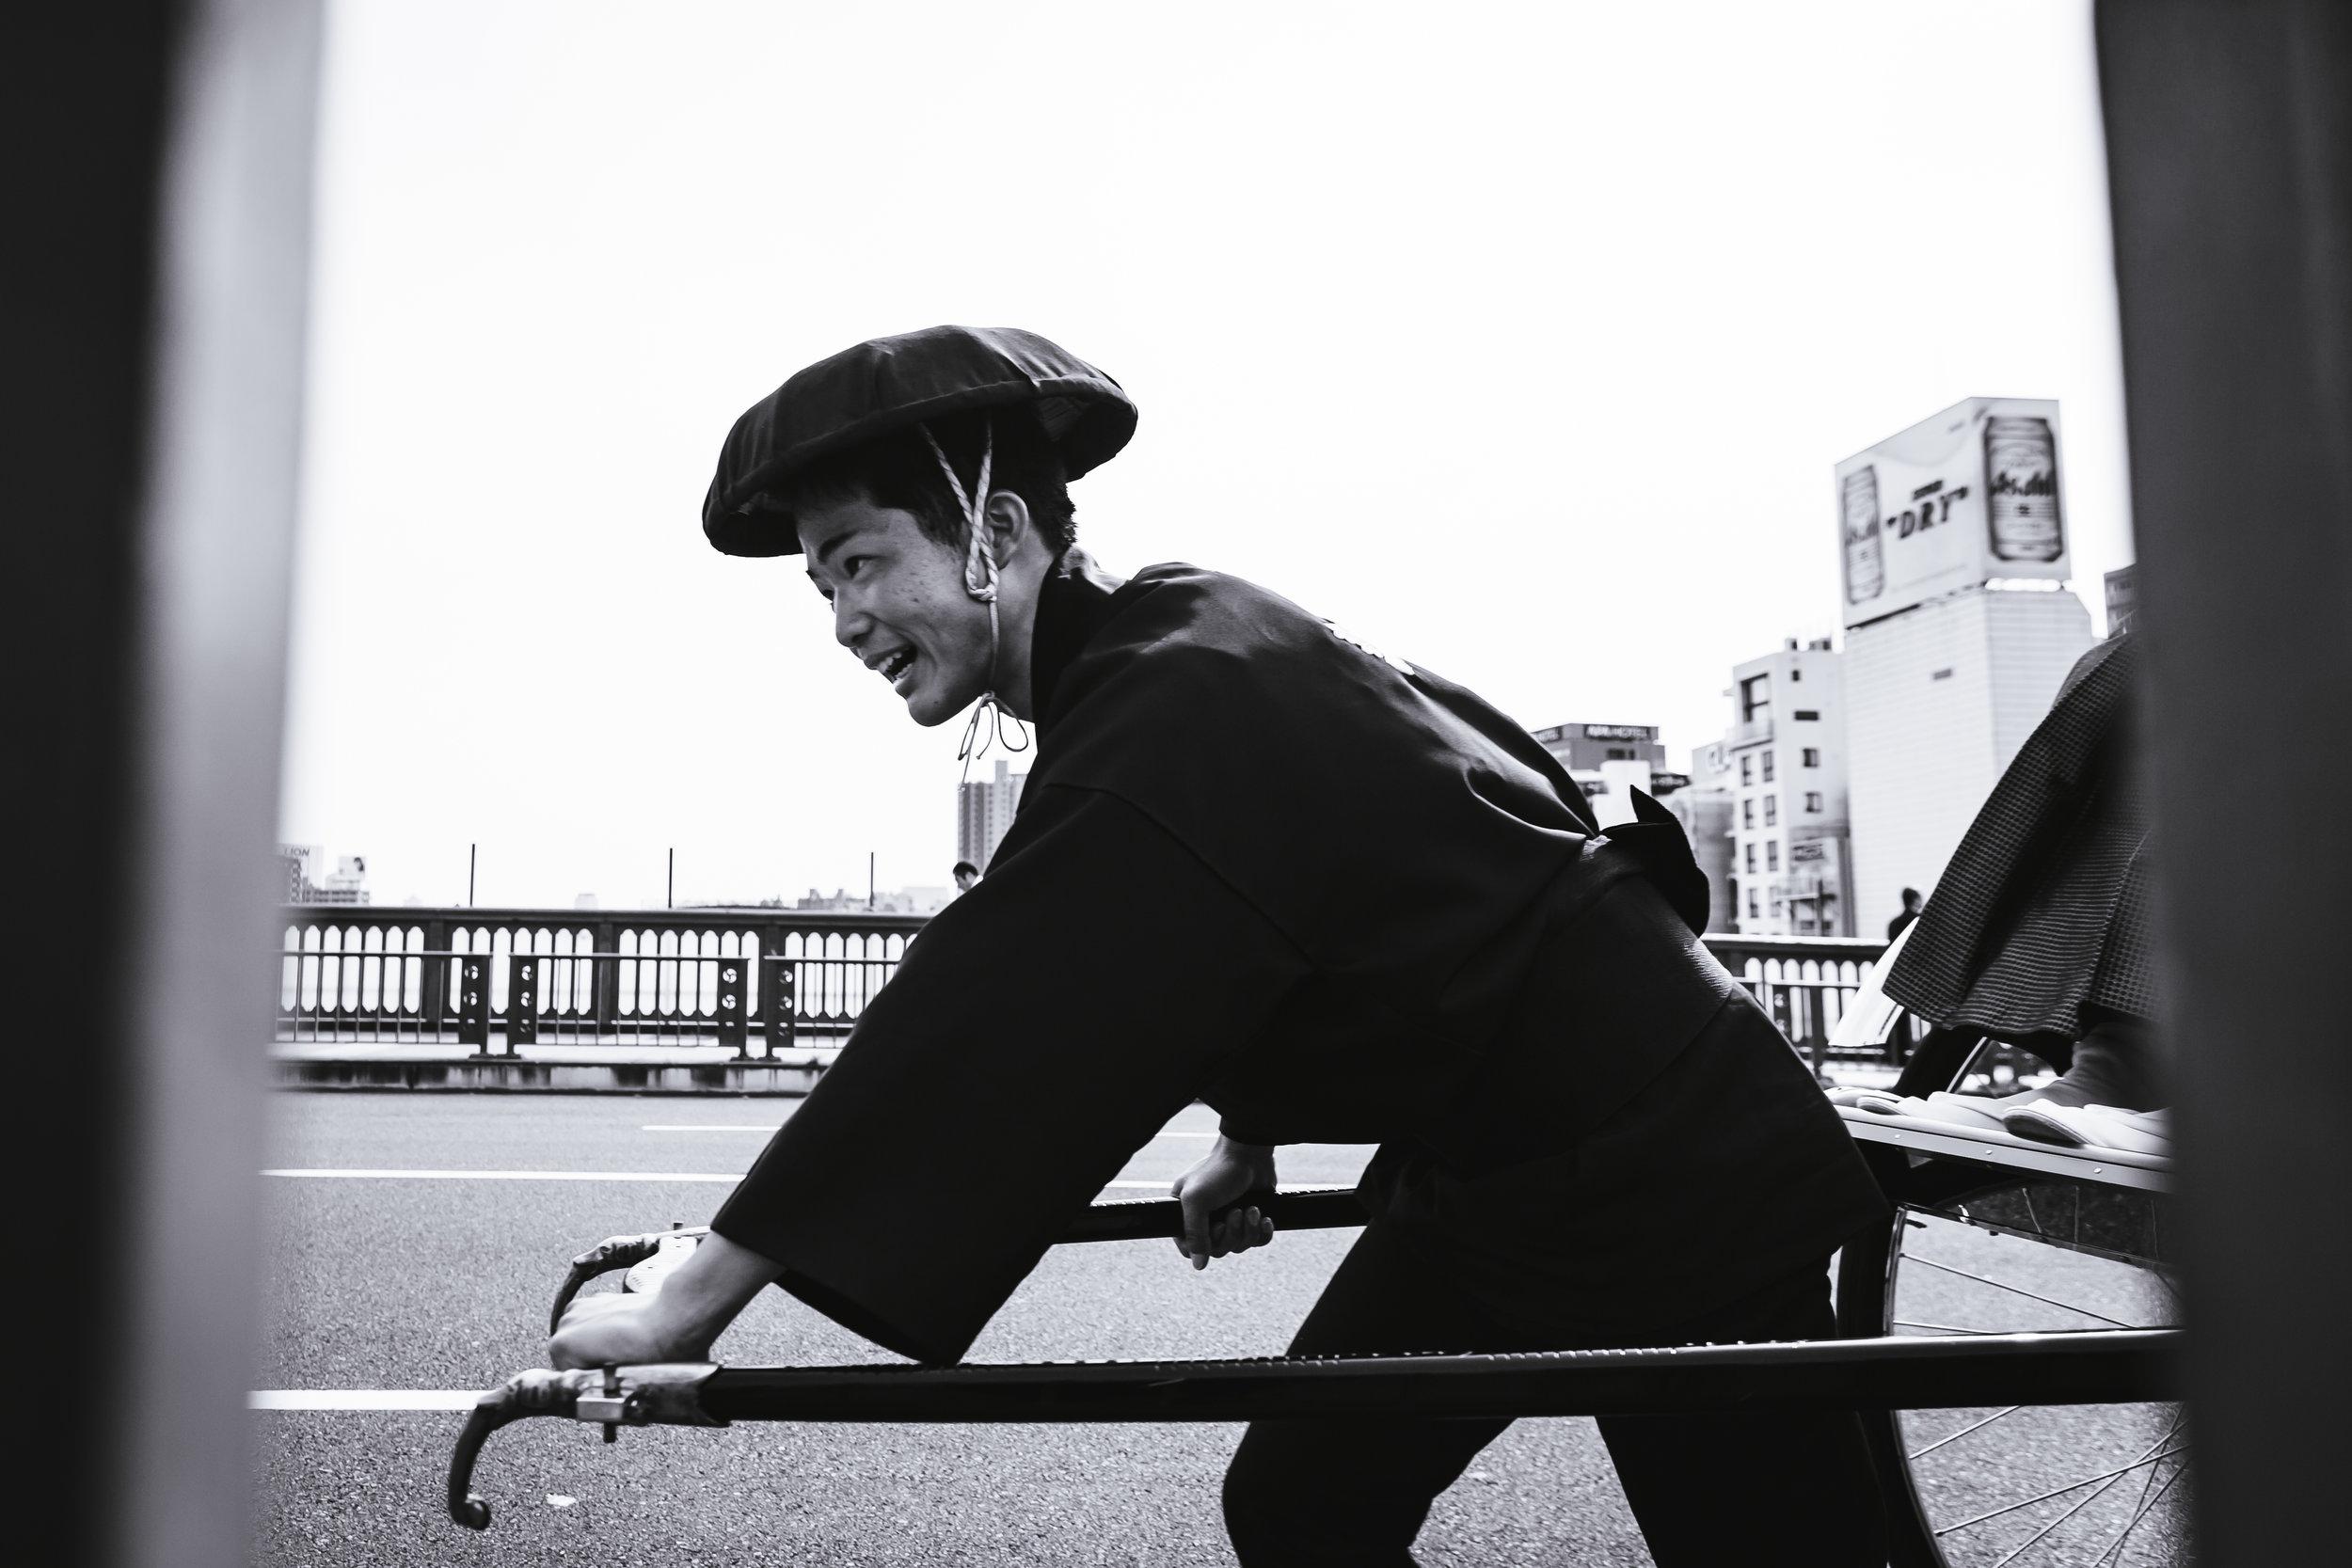 bike-rickshaw-asakusa.jpg